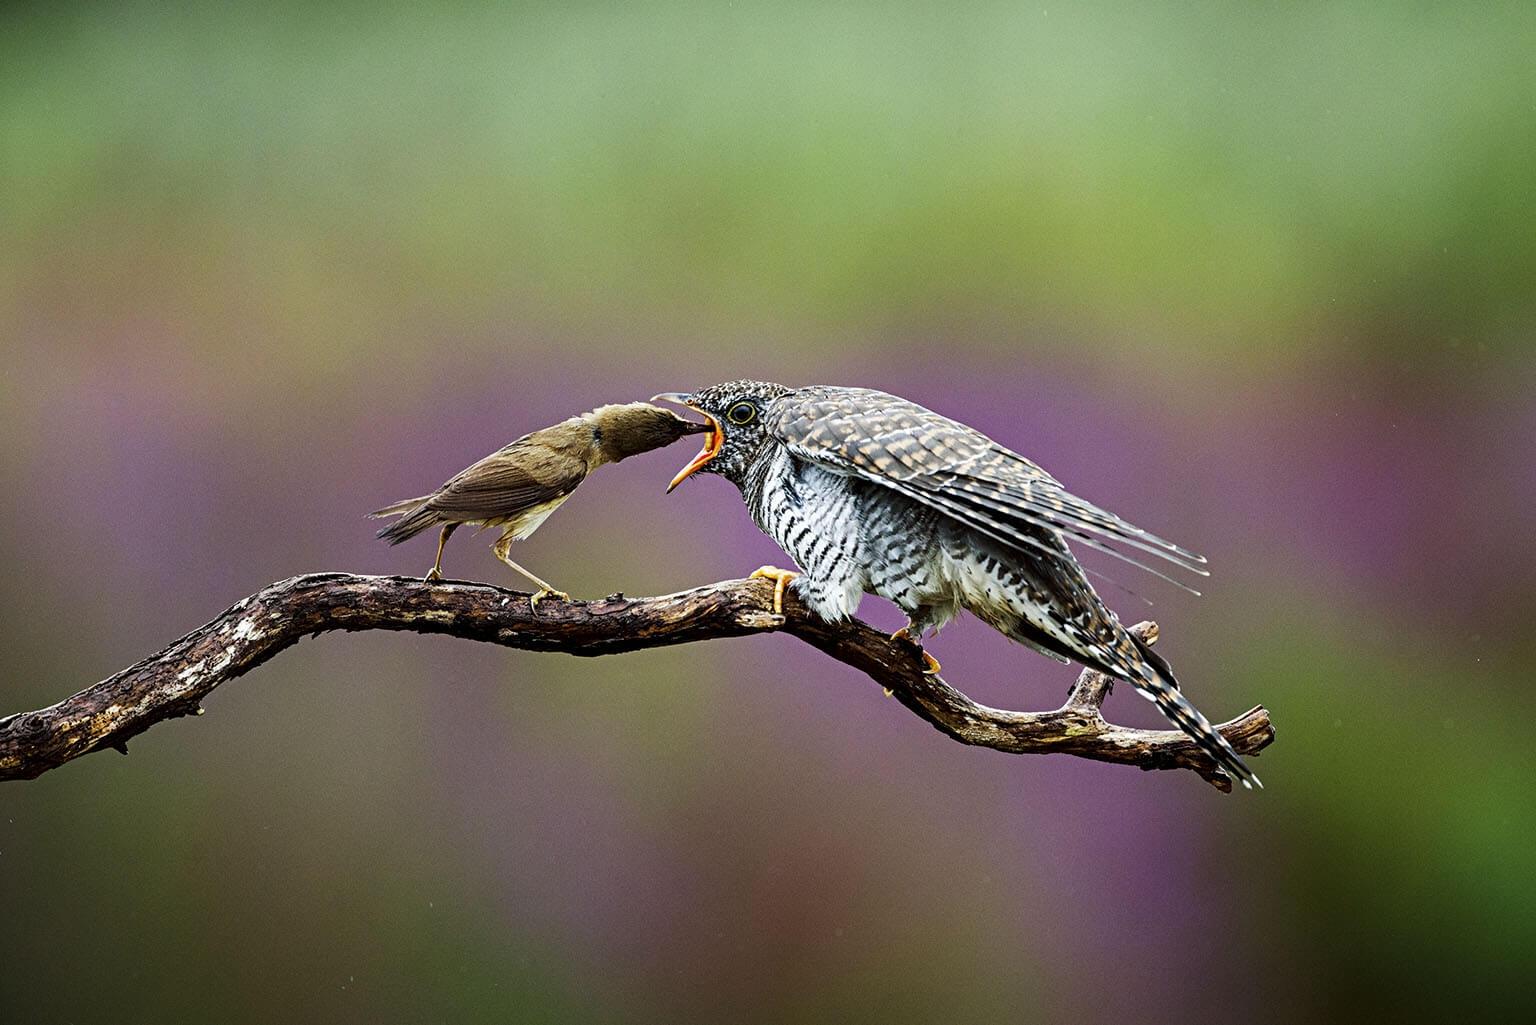 蘆葦鶯(左)正在餵食一隻大杜鵑幼鳥。這隻大杜鵑幼鳥在30天之內從3公克長到了90公克――將近蘆葦鶯的八倍重。PHOTO: FRANKA SLOTHOUBER